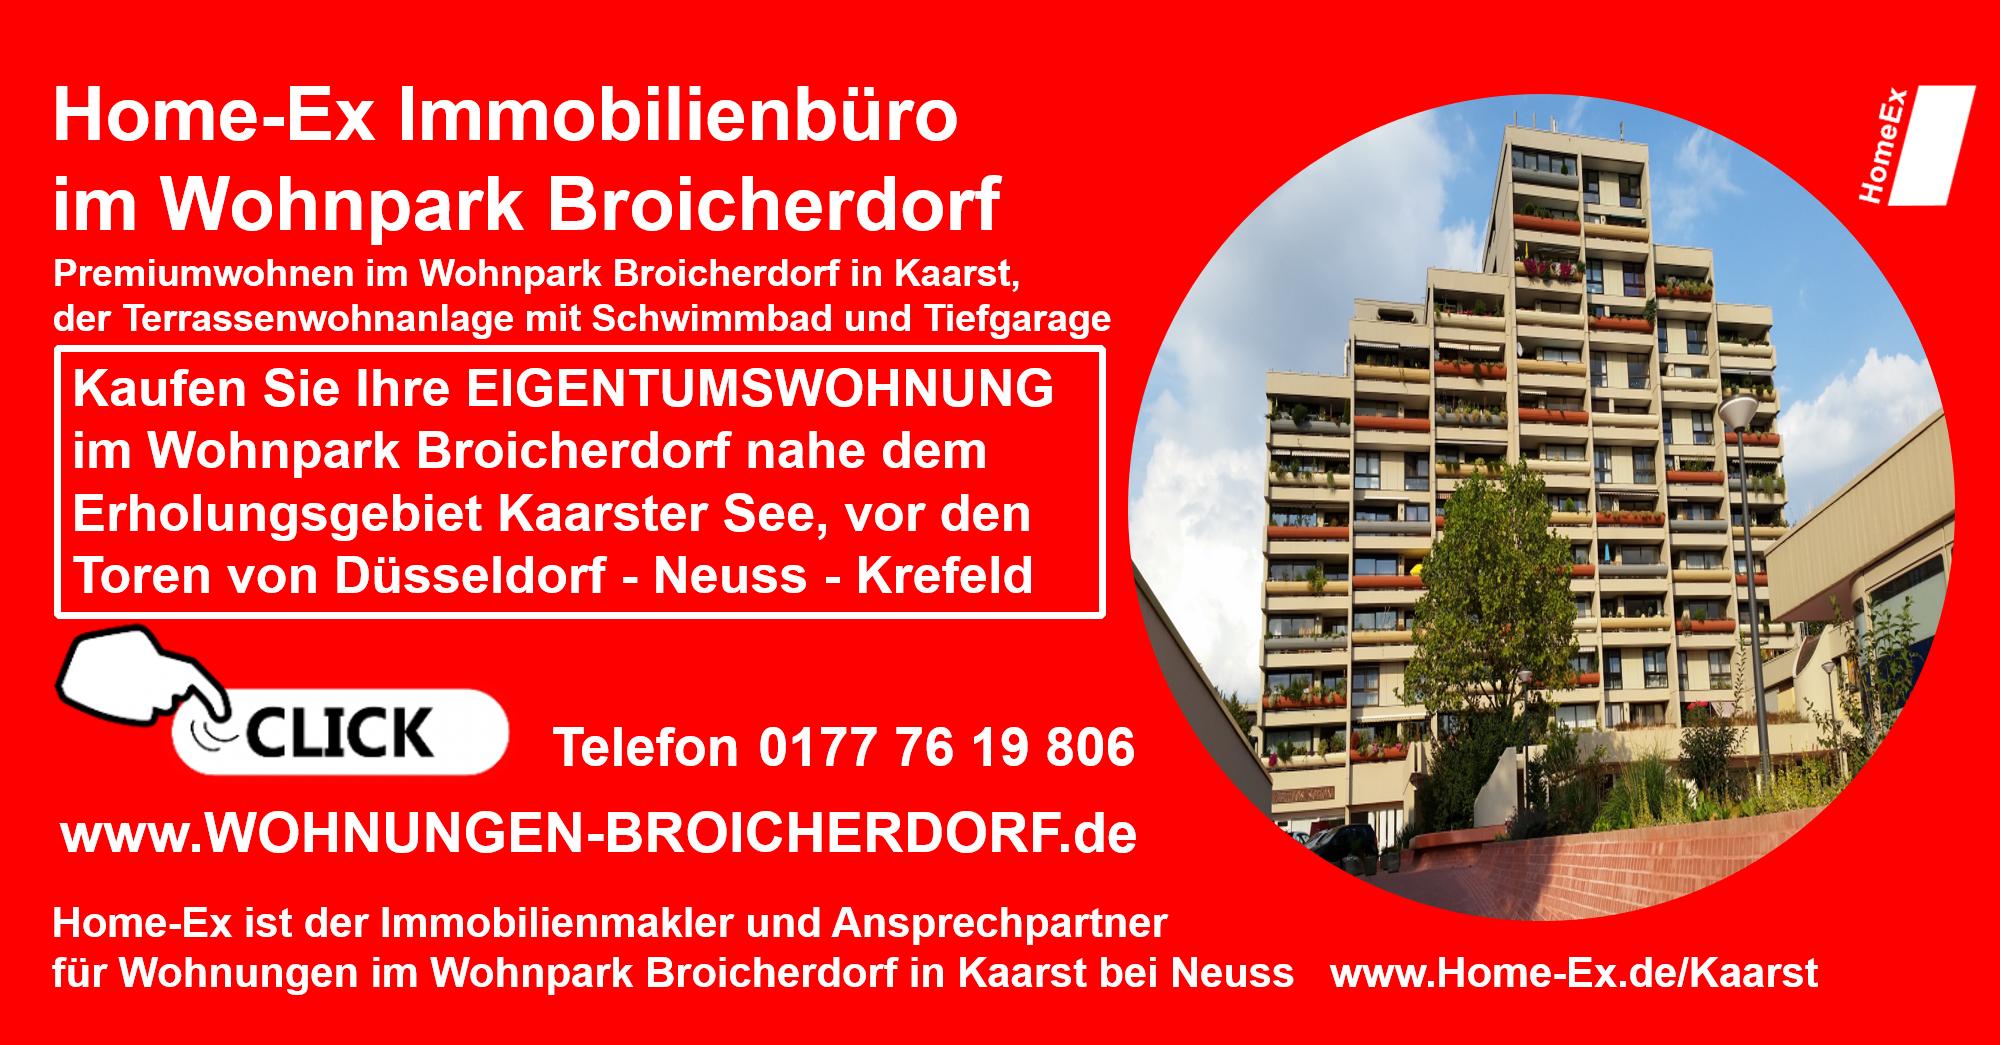 Kaufen Sie Ihre EIGENTUMSWOHNUNG im Wohnpark Broicherdorf nahe dem Erholungsgebiet Kaarster See, vor den Toren von Düsseldorf - Neuss - Krefeld